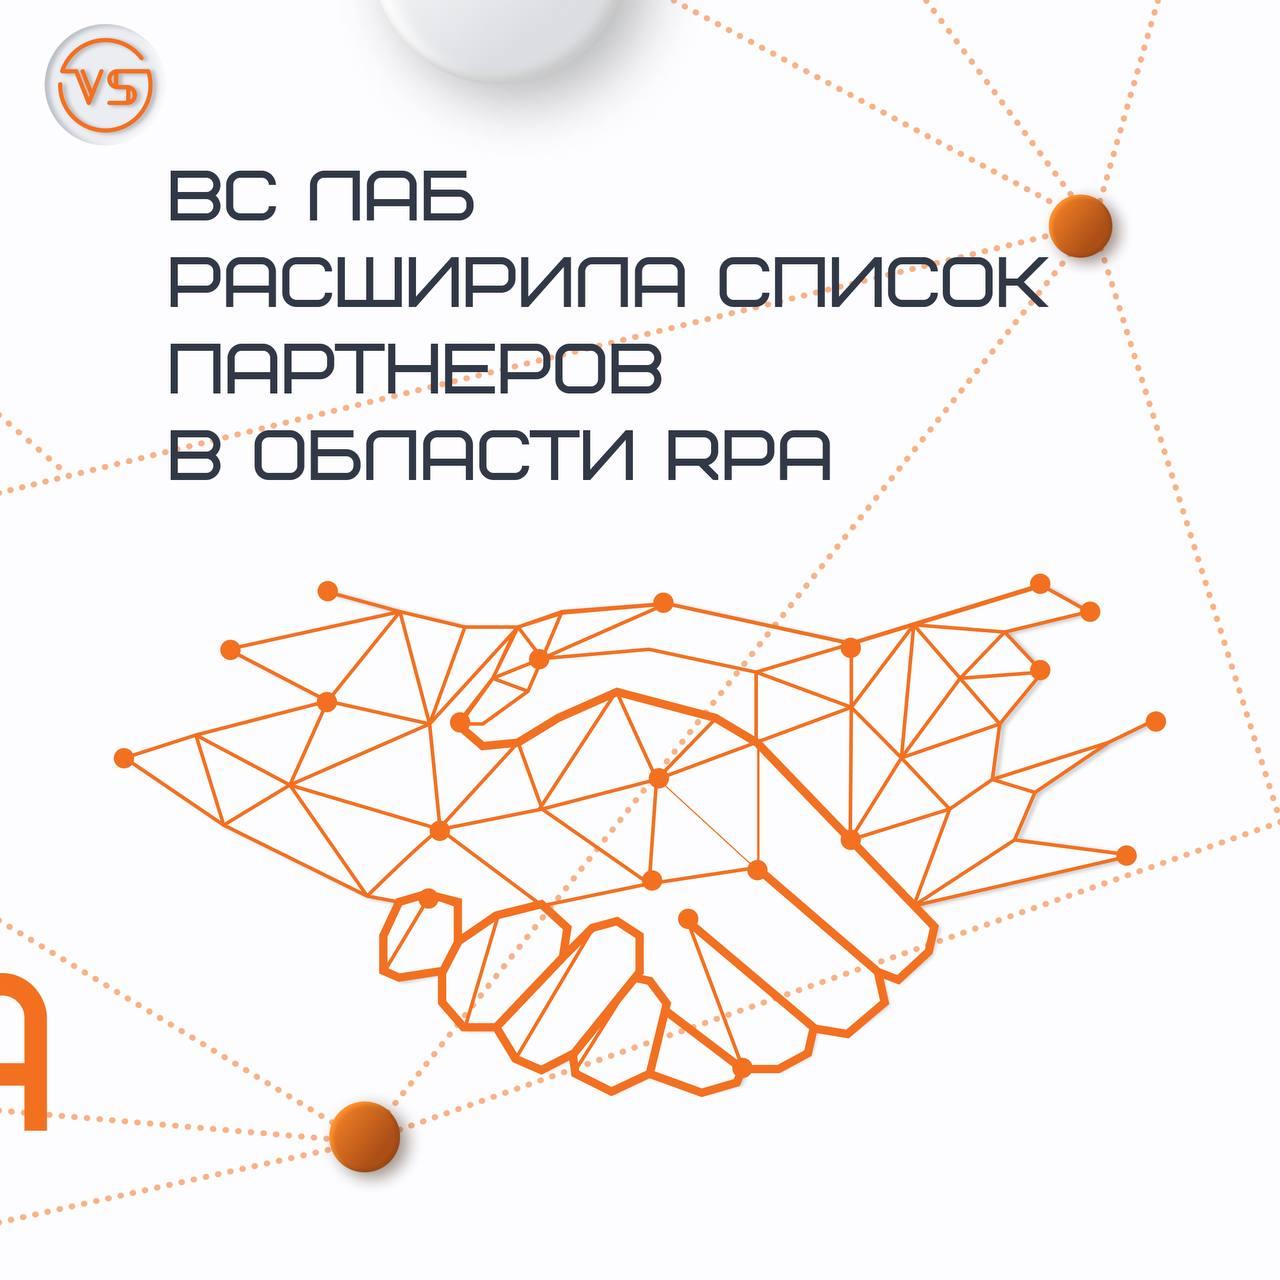 Компания «ВС Лаб» стала сертифицированным партнером «ДипХакЛаб»